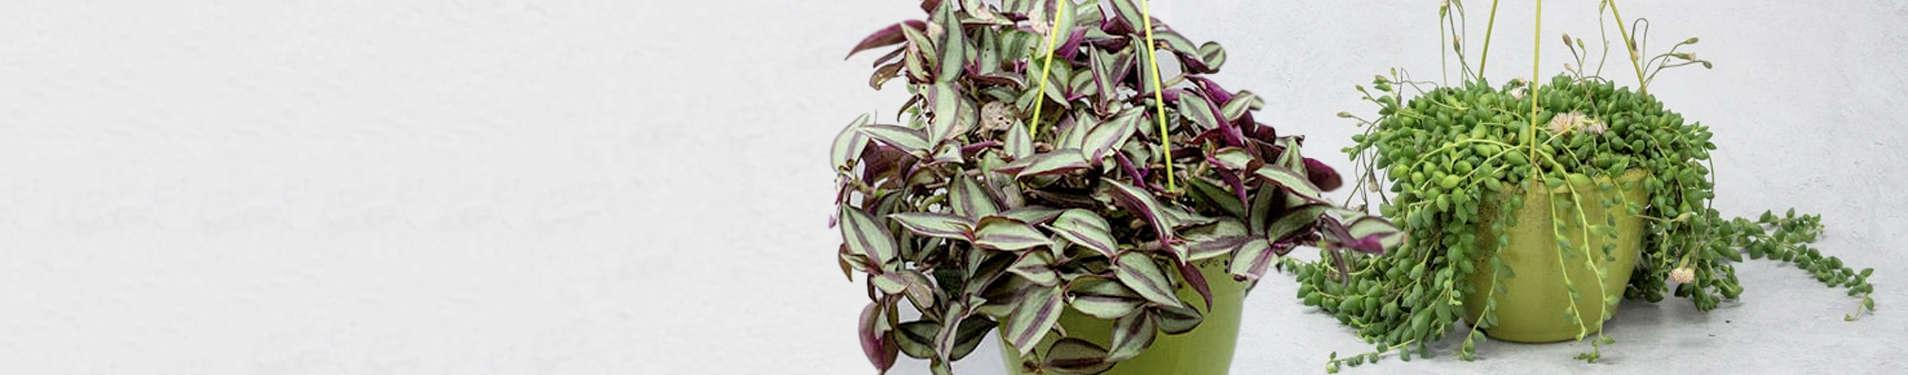 Comparar online plantas suculentas colgantes